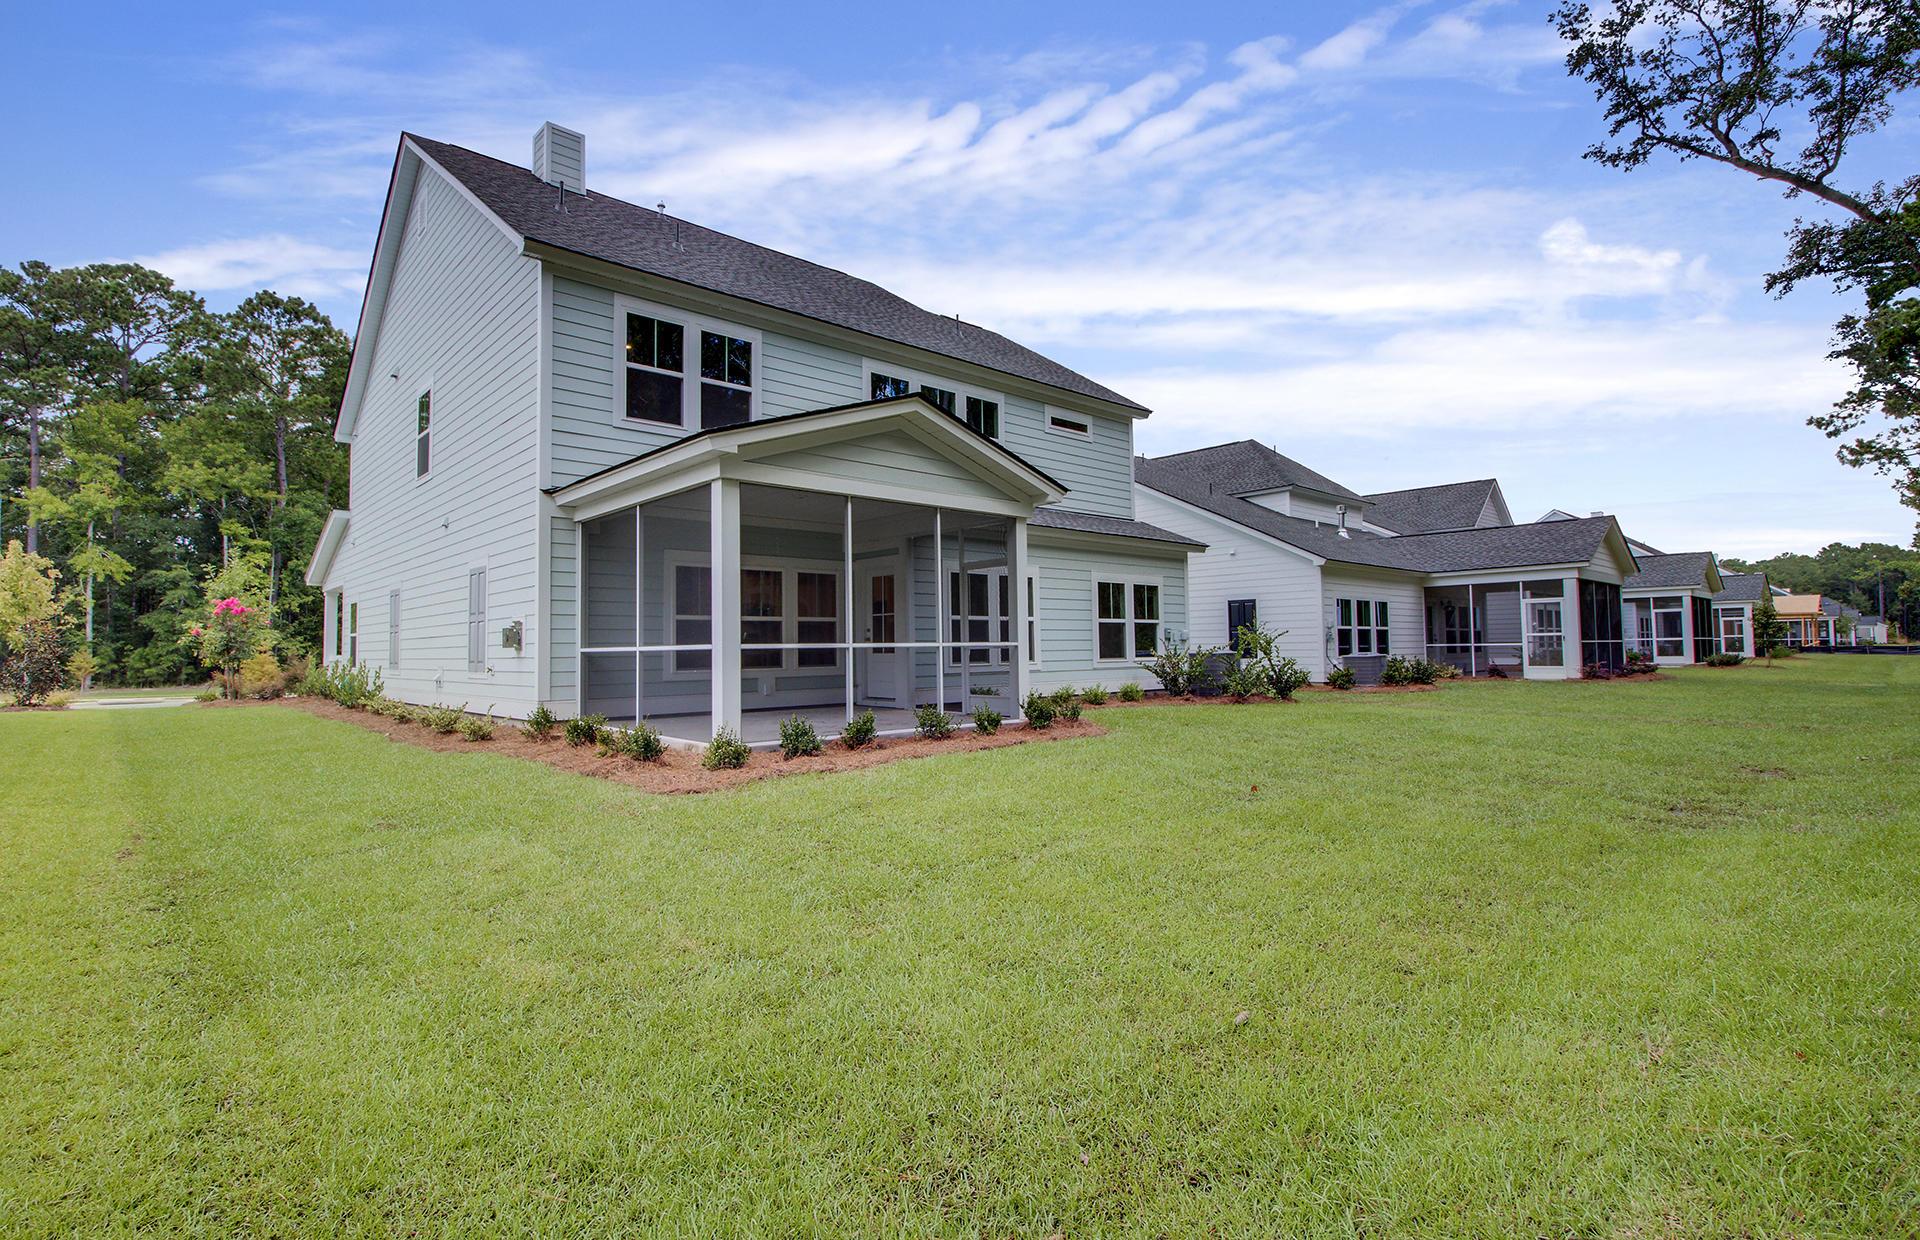 Park West Homes For Sale - 3013 Caspian, Mount Pleasant, SC - 55